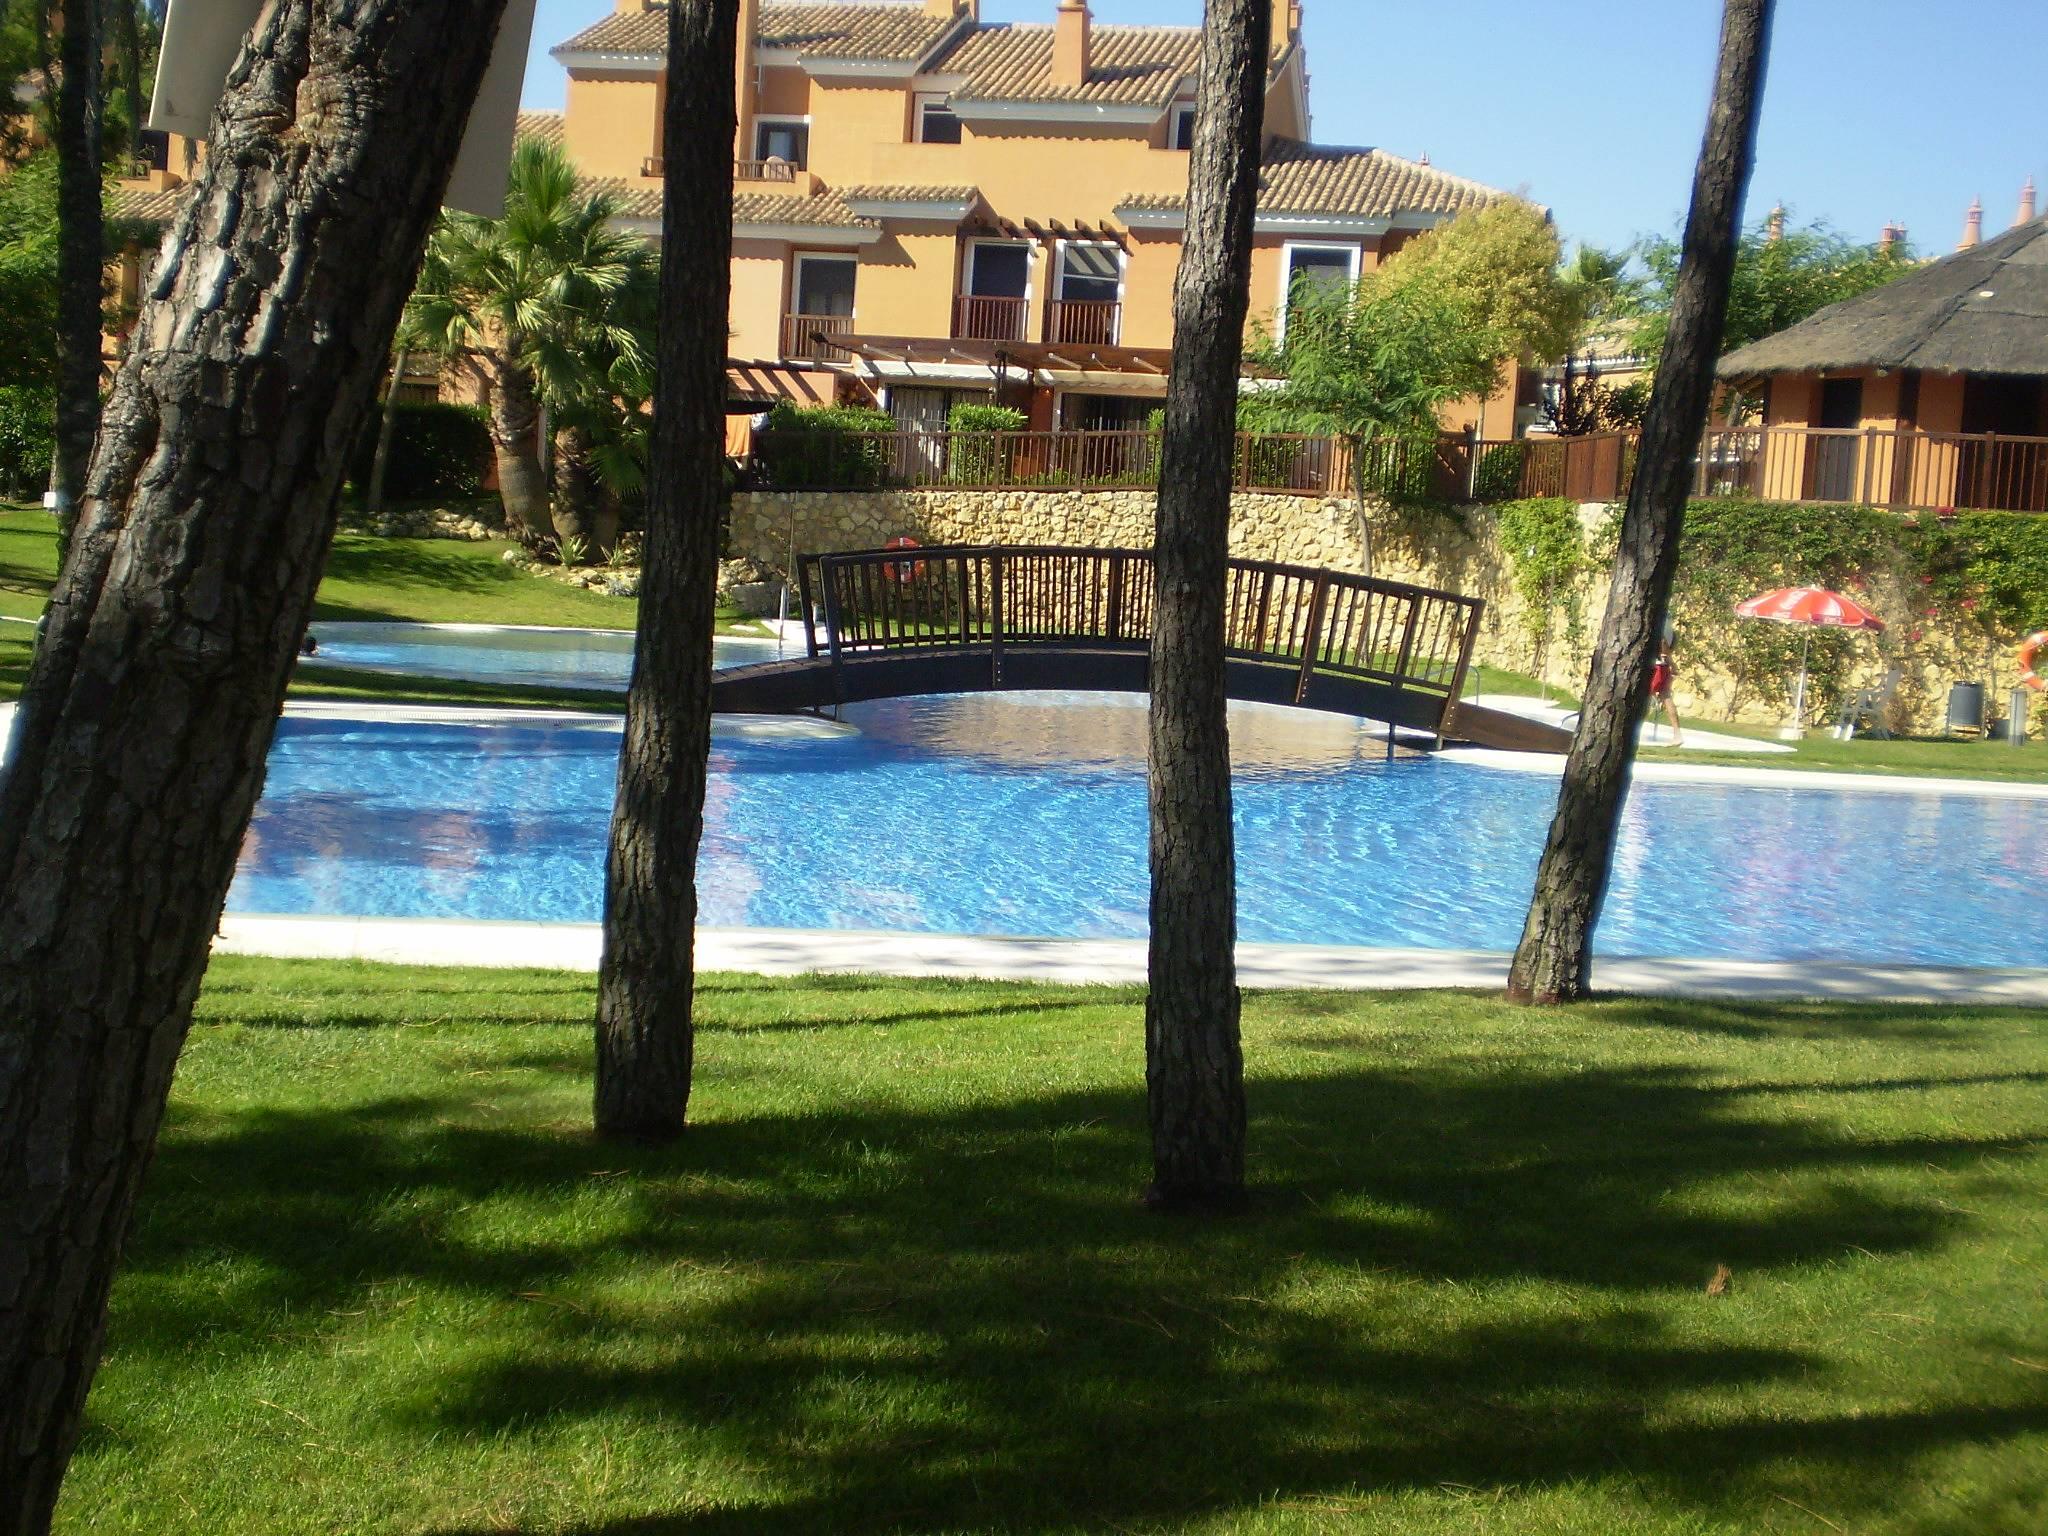 Casa cerca a 500 m de la playa islantilla lepe lepe - Rentalia islantilla ...